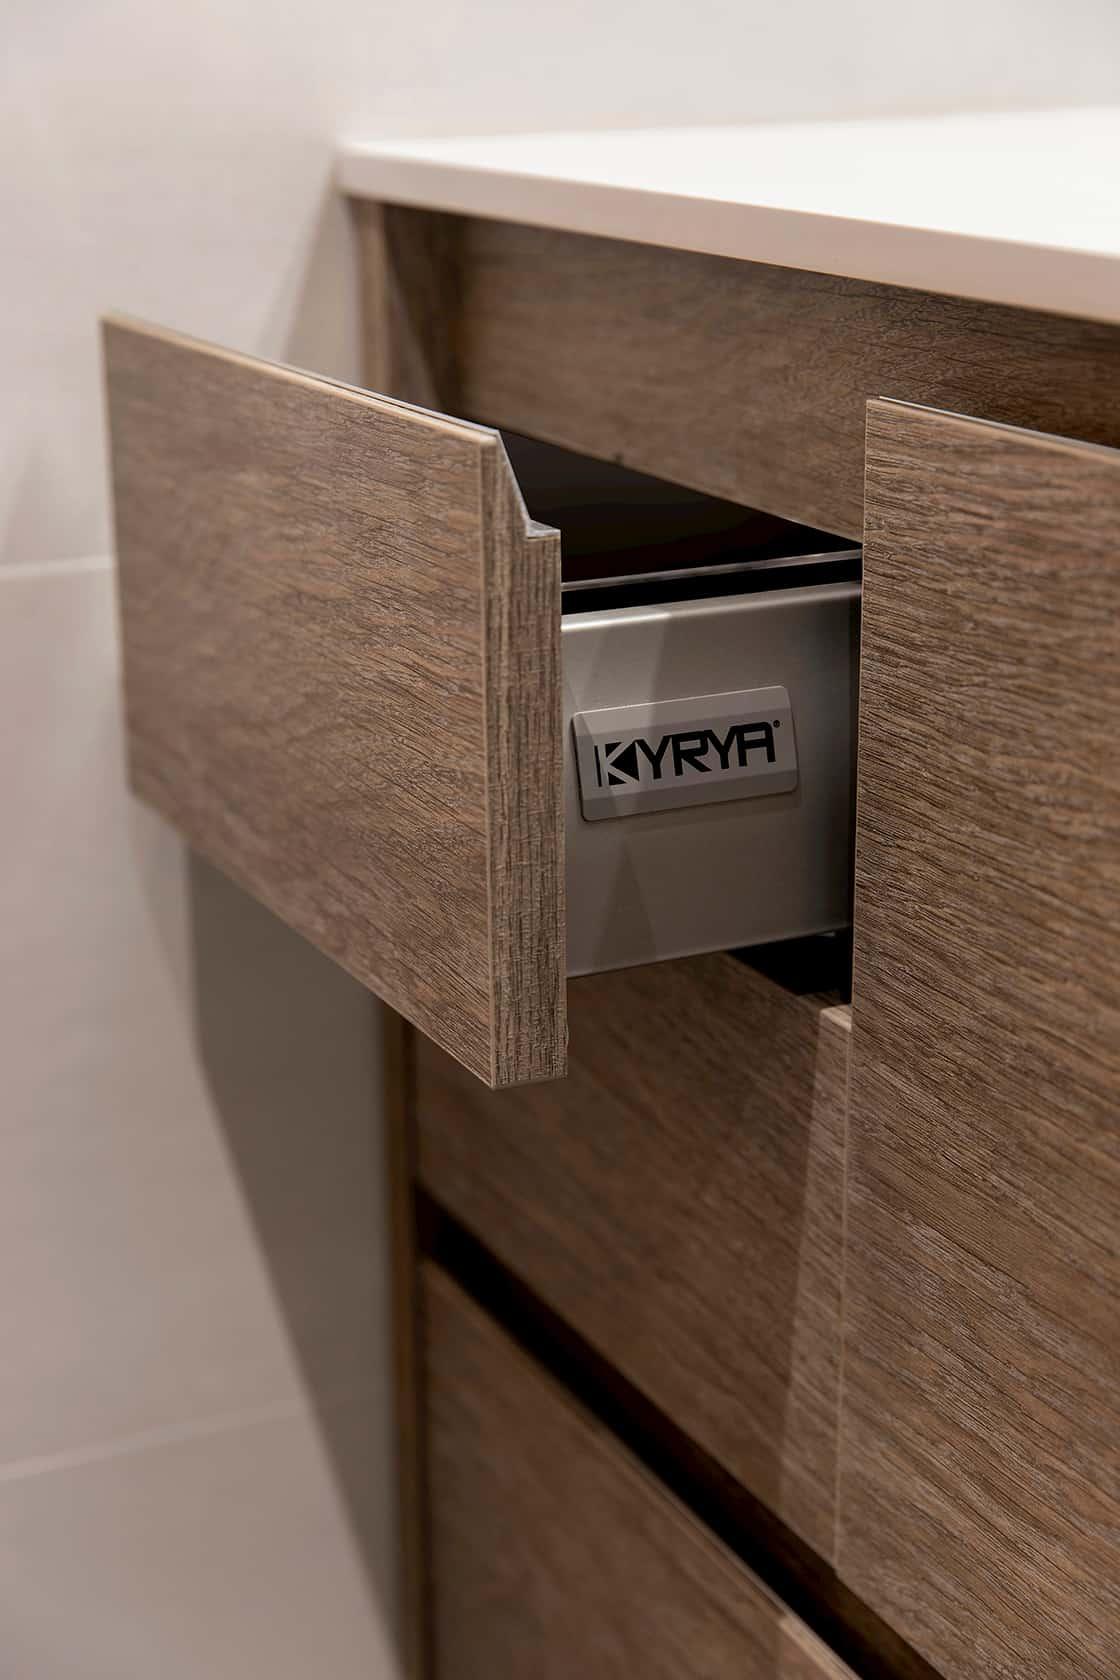 cajón en mueble de madera abierto